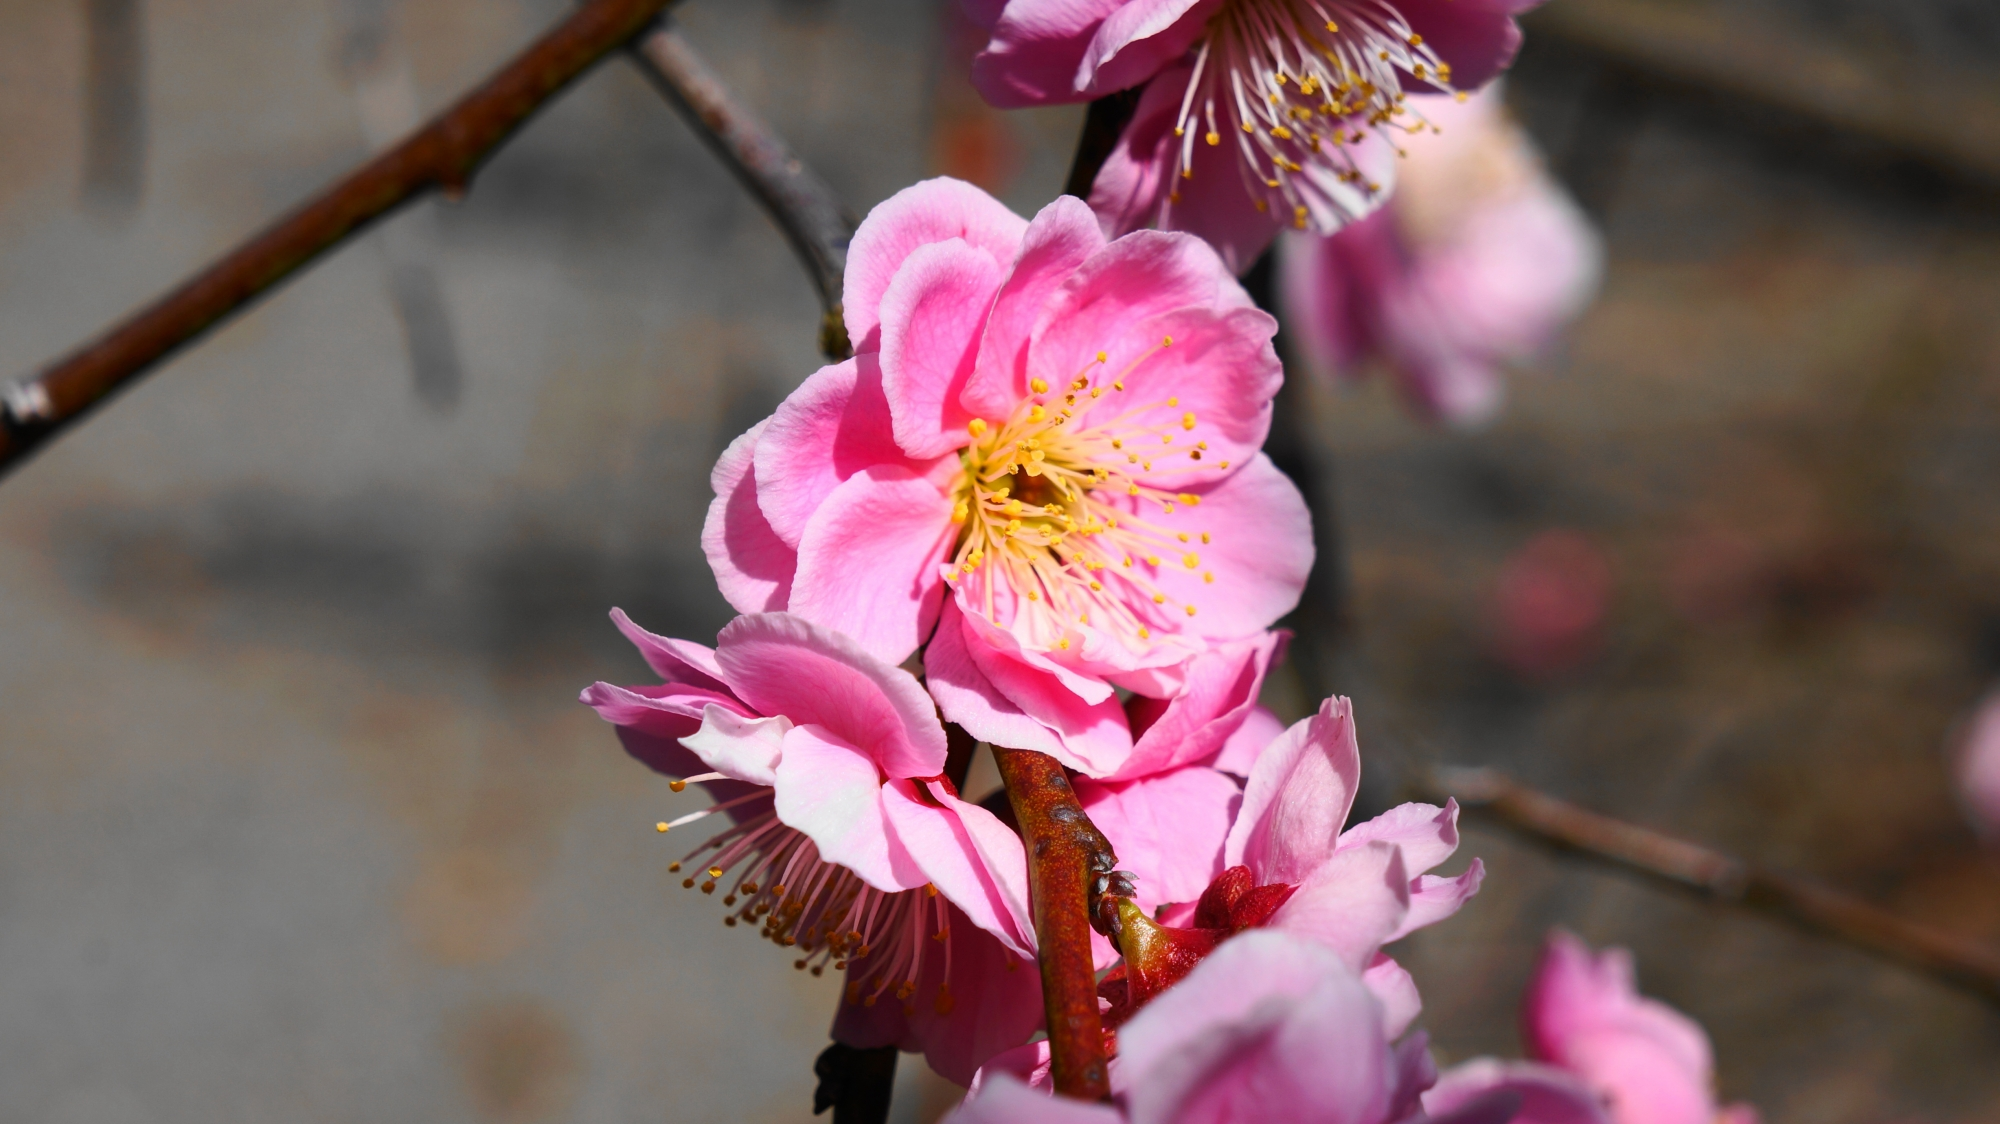 光の当たり具合で雰囲気が変わる梅の花